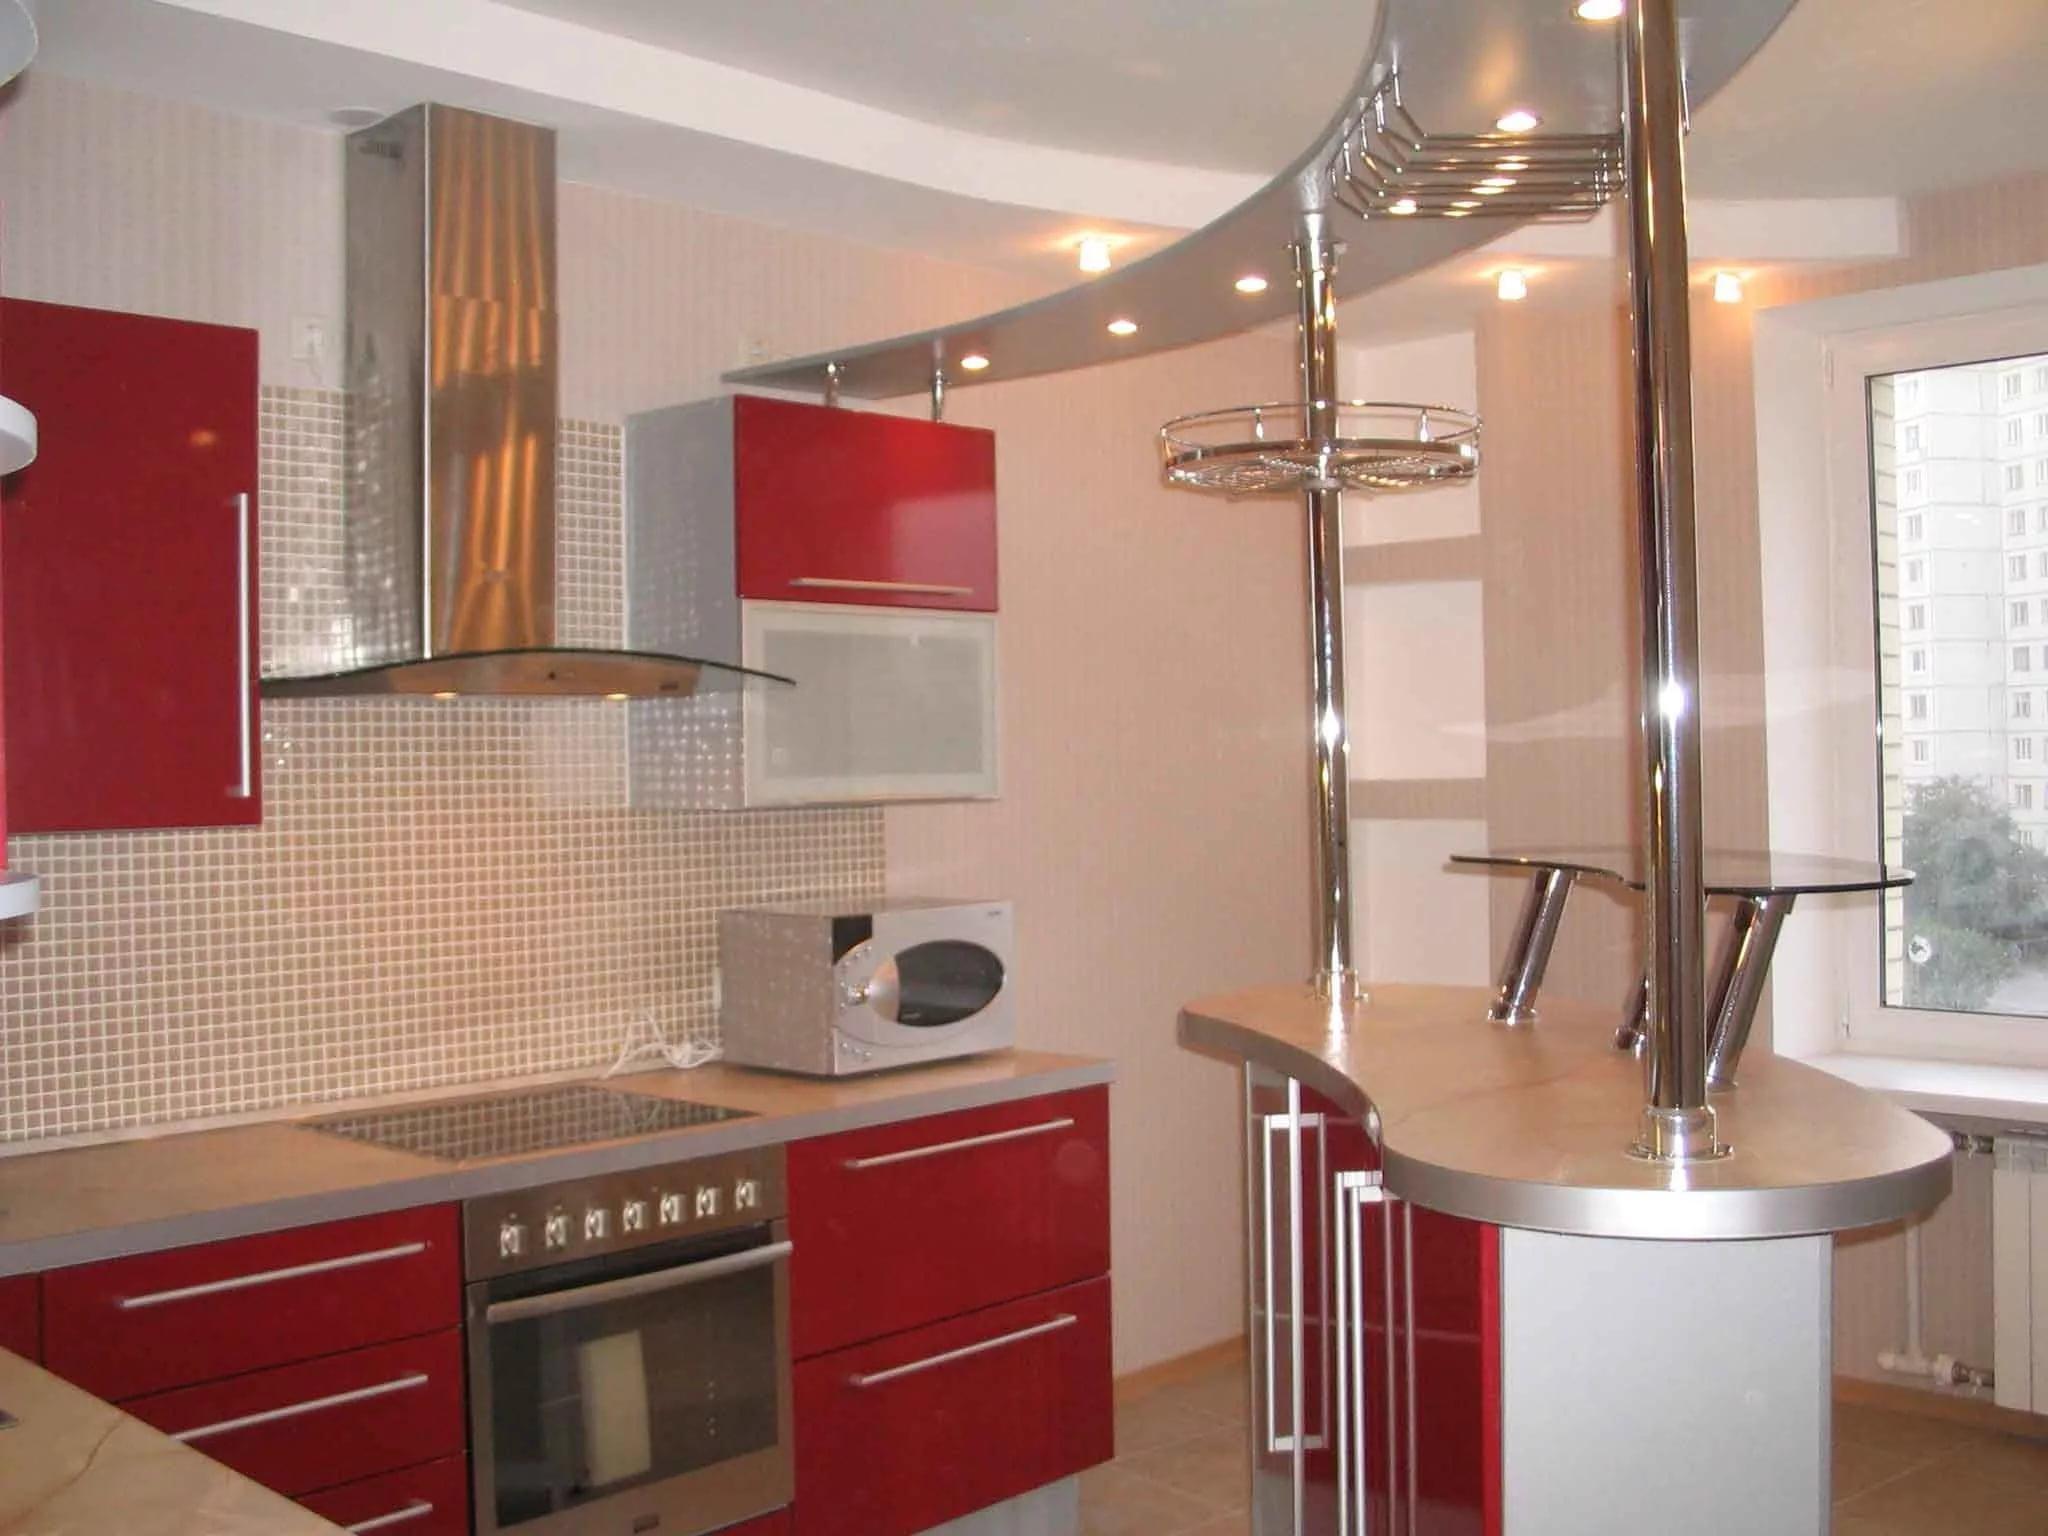 Фото интерьеров кухонь с барной стойкой, идеи для оформления.